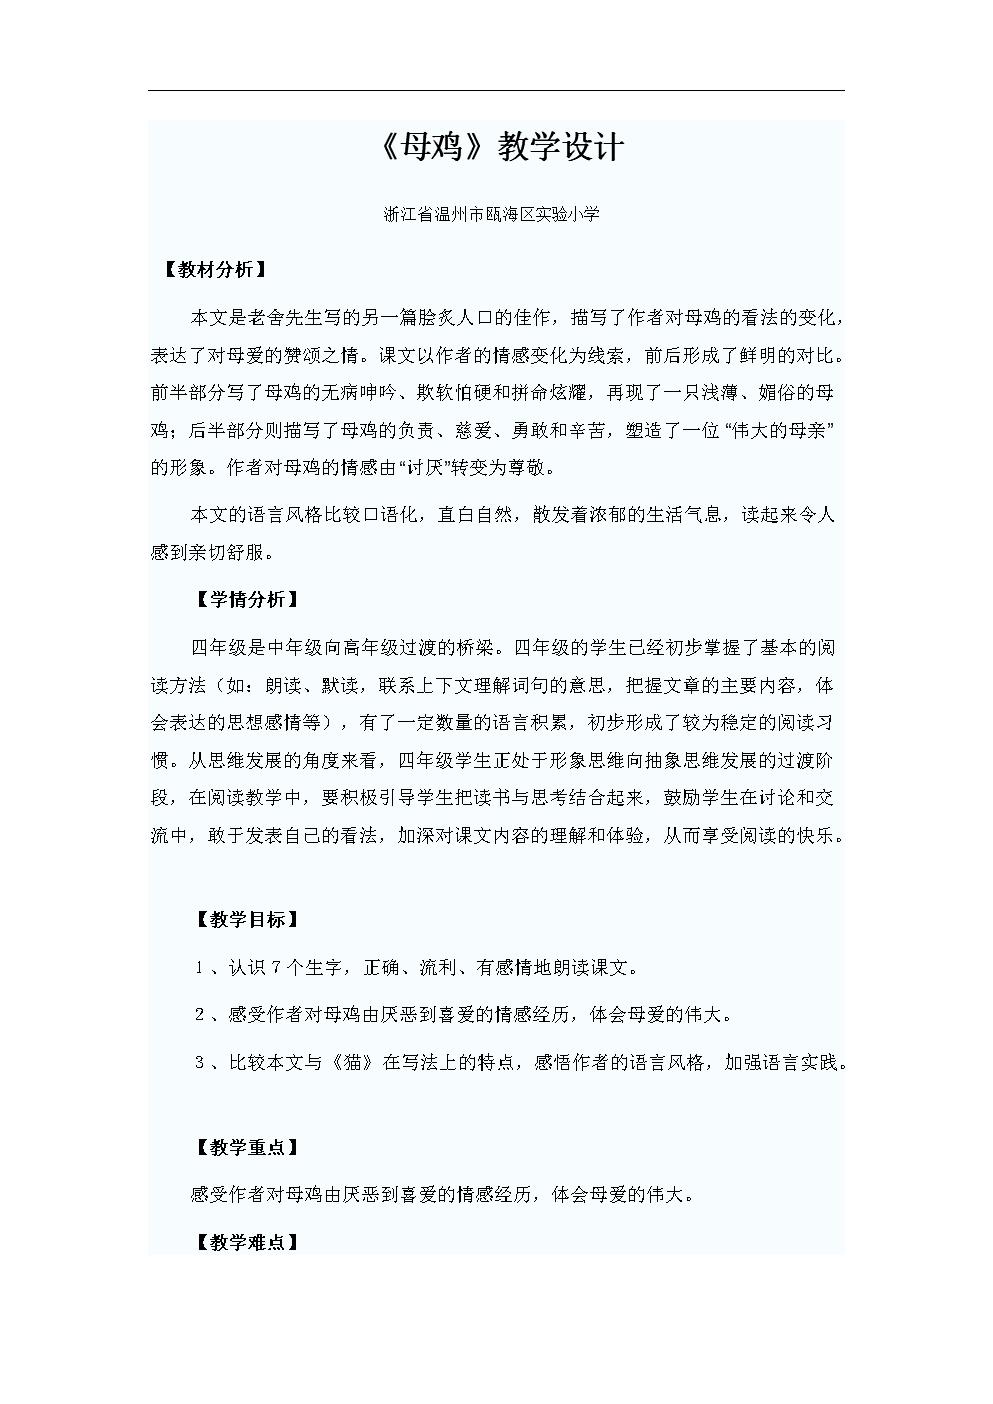 语文教学设计-《母鸡》 浙江 张克-小学4年级上册.doc